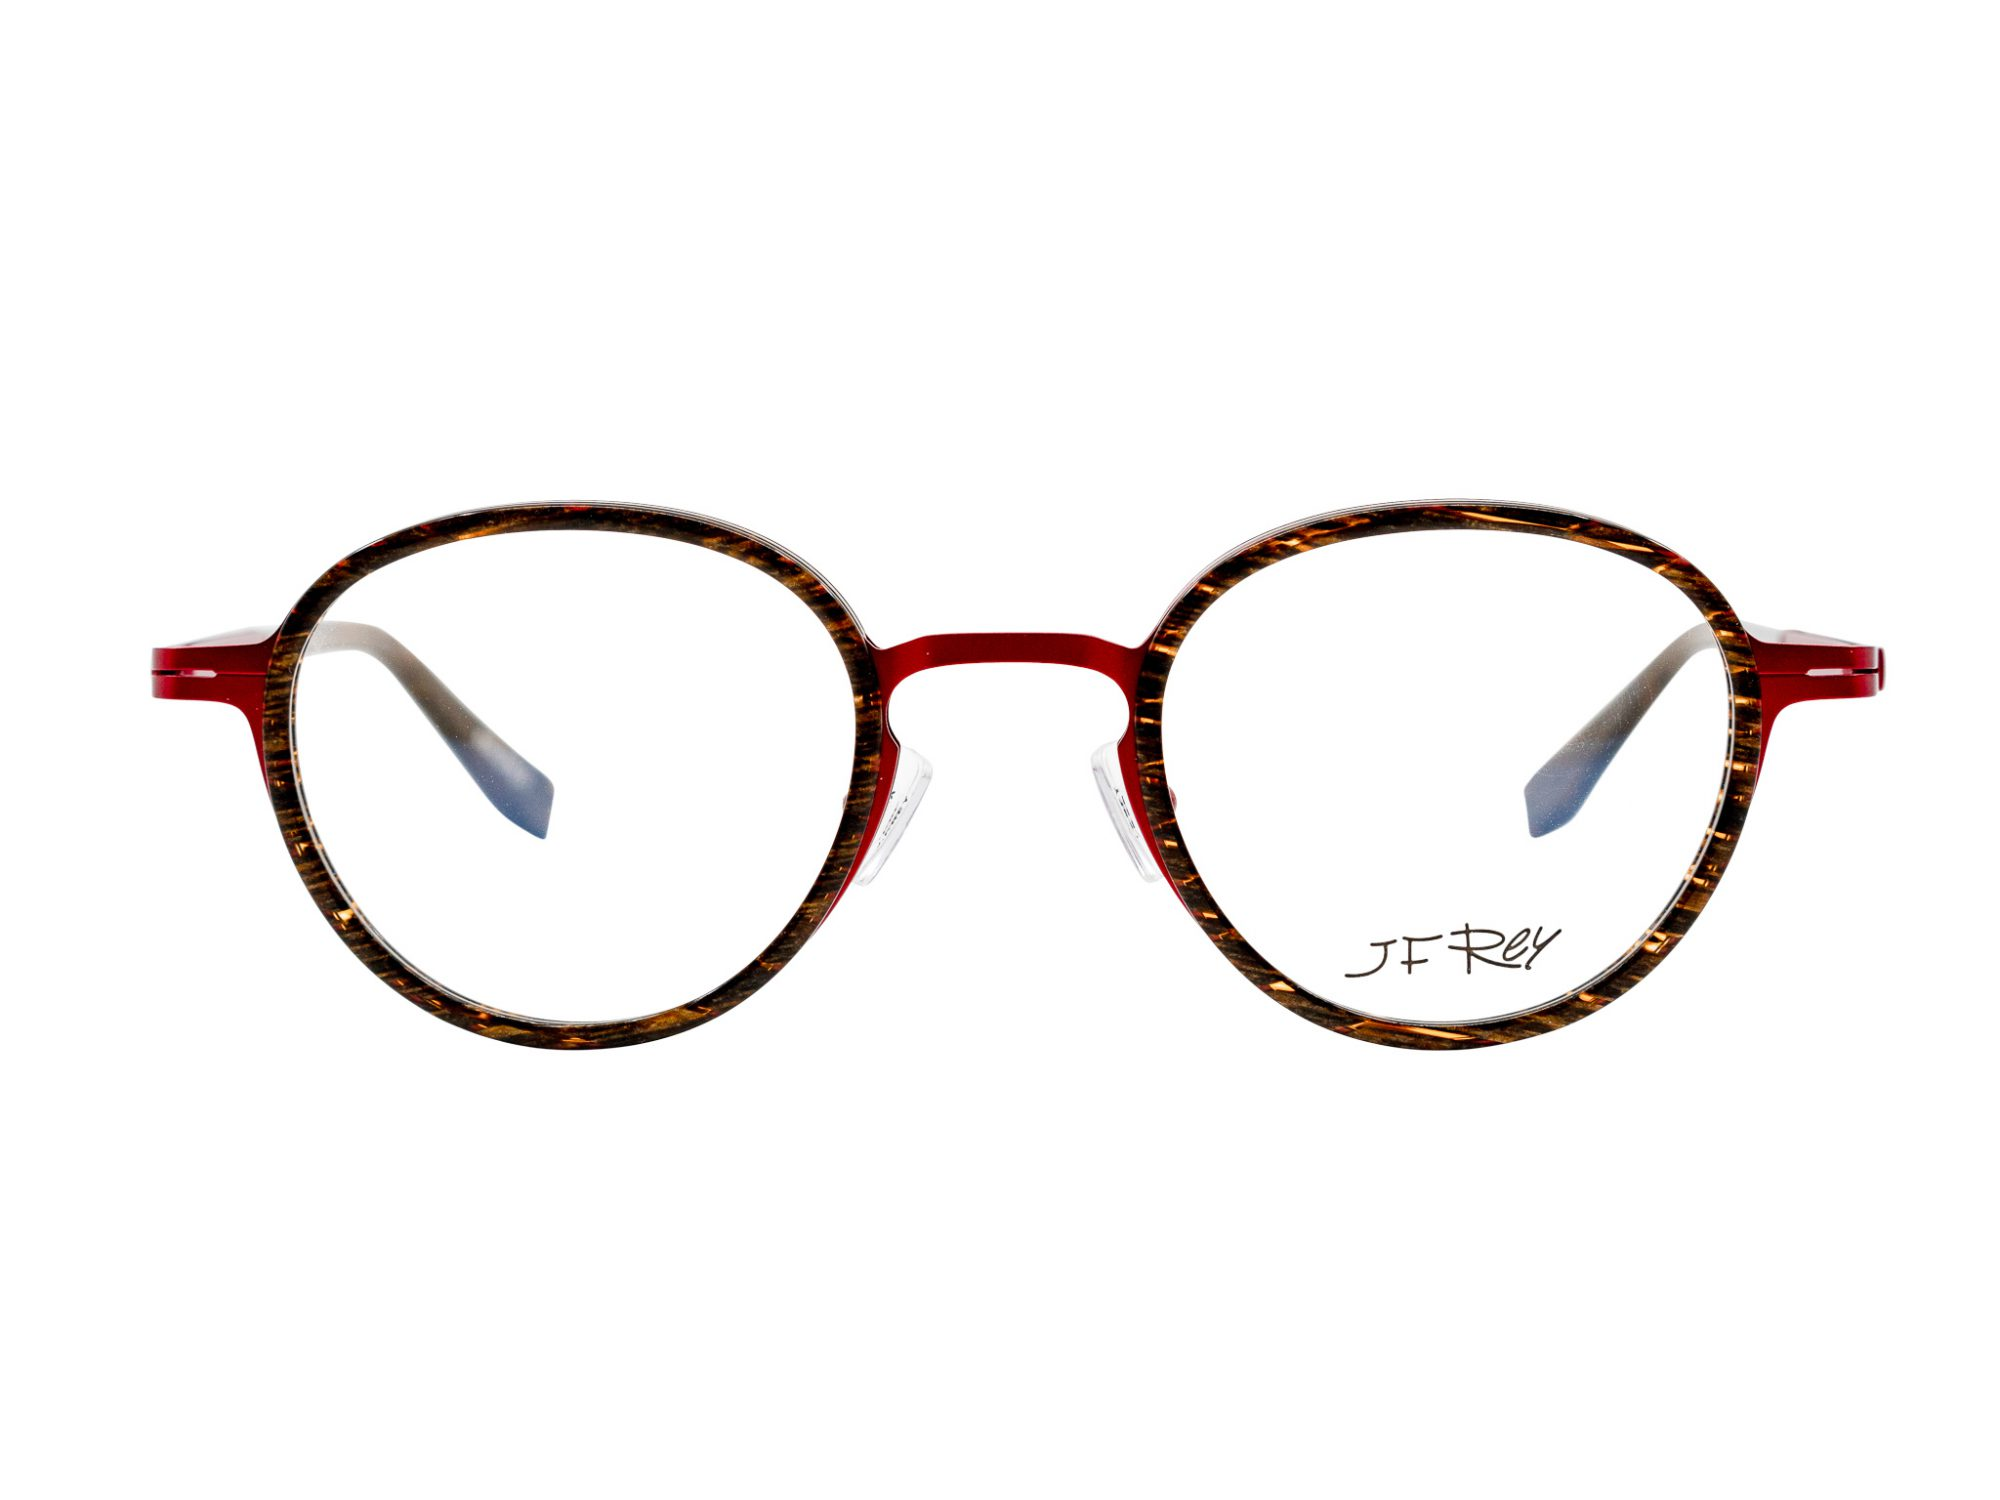 JF Rey JF2819 9030